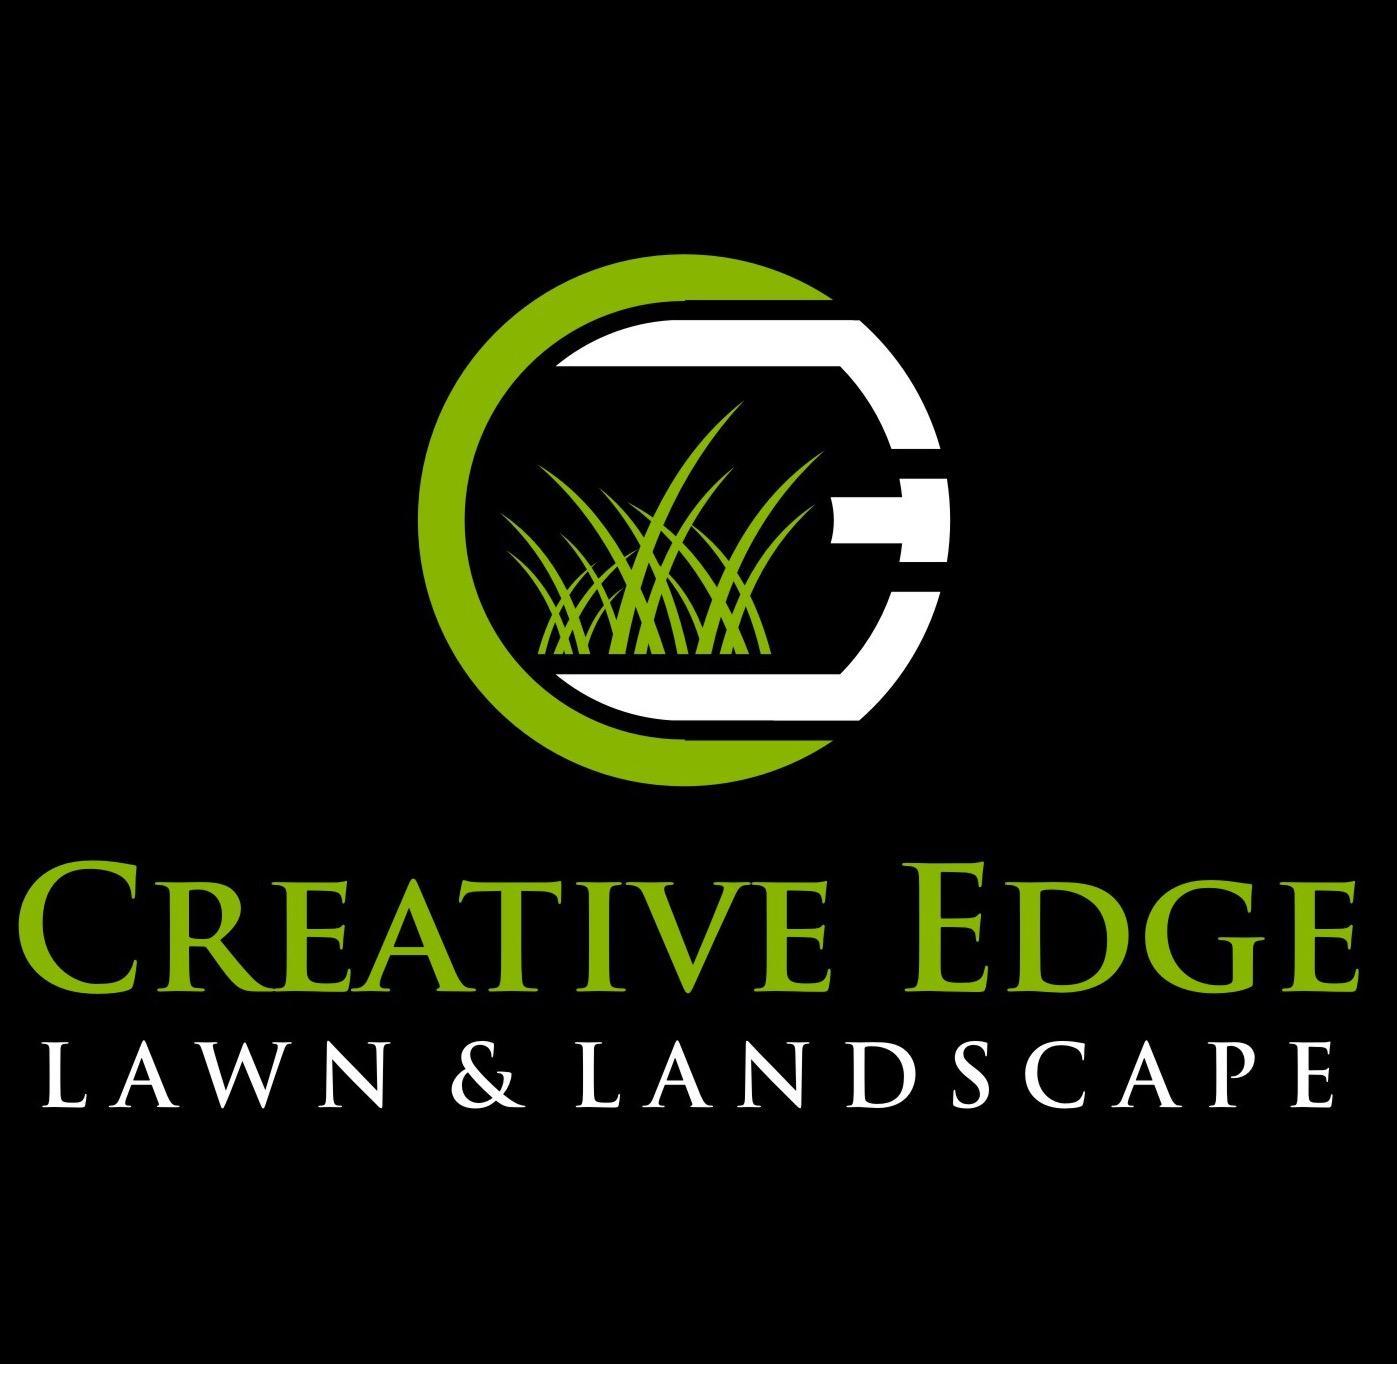 Creative Edge Lawn and Landscape